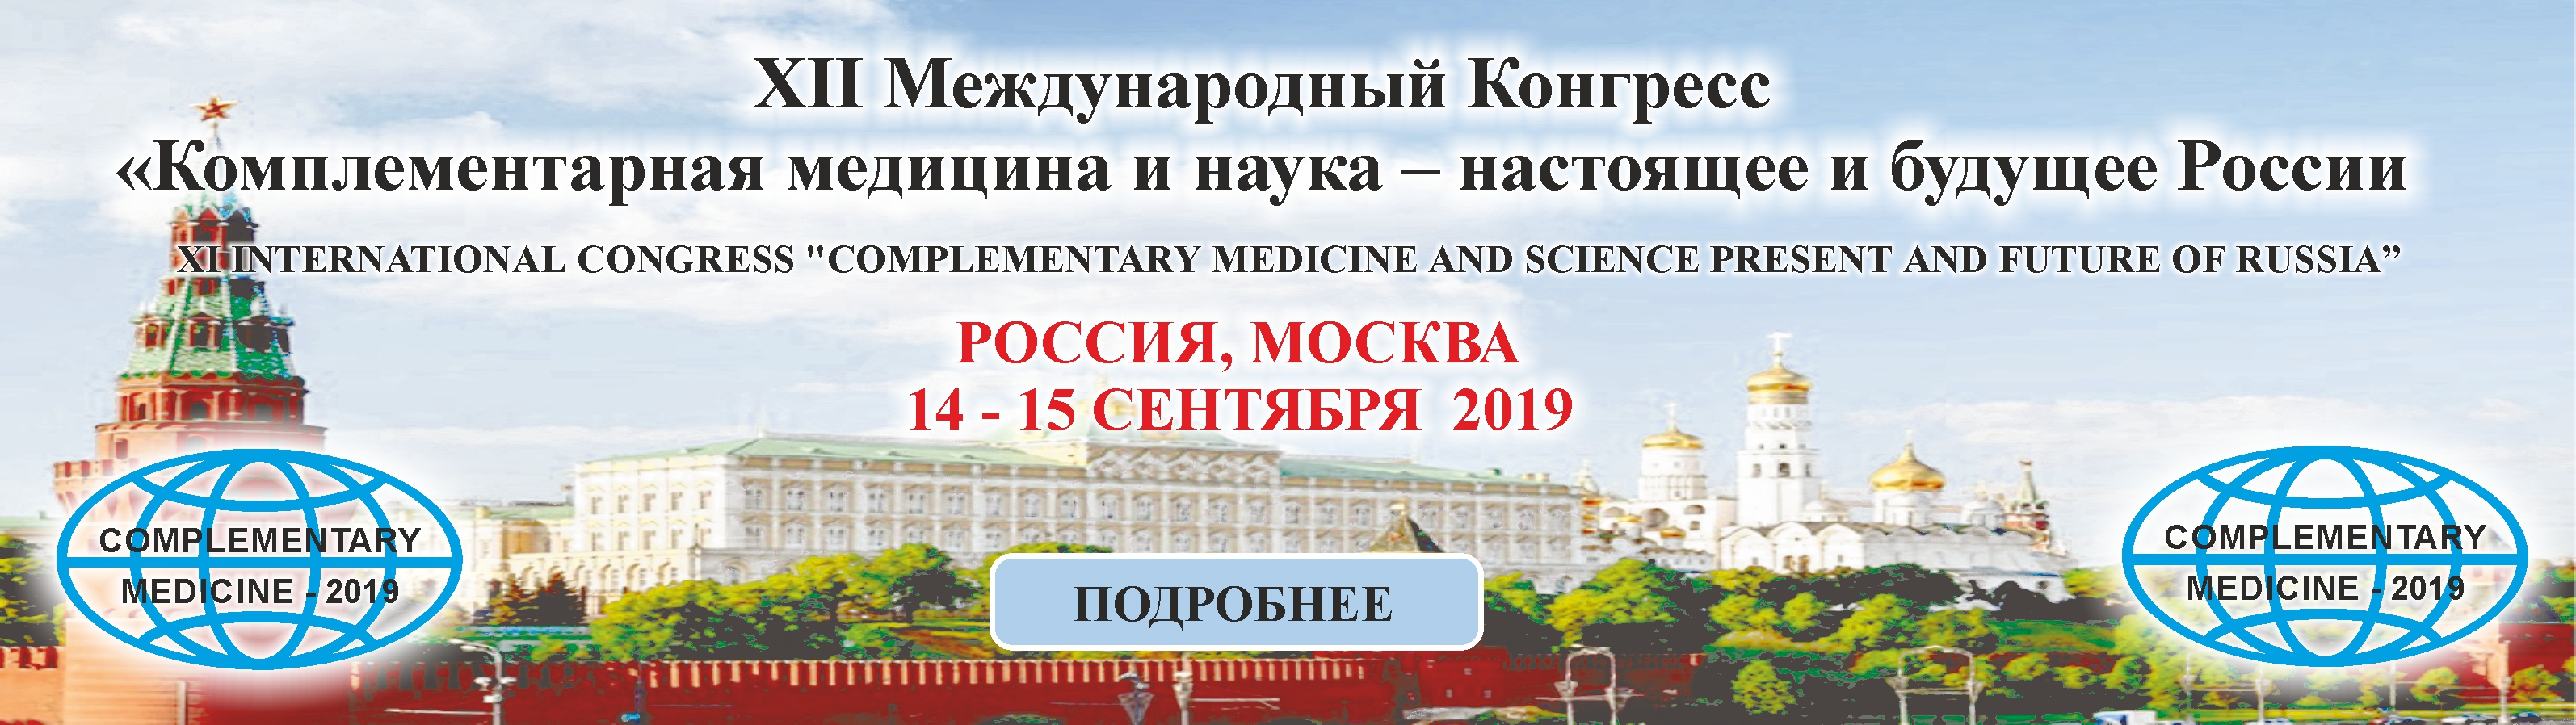 сайта ЗАГЛАВНАЯ - XII Конгресс «Комплементарная медицина  и наука – настоящее и будущее России